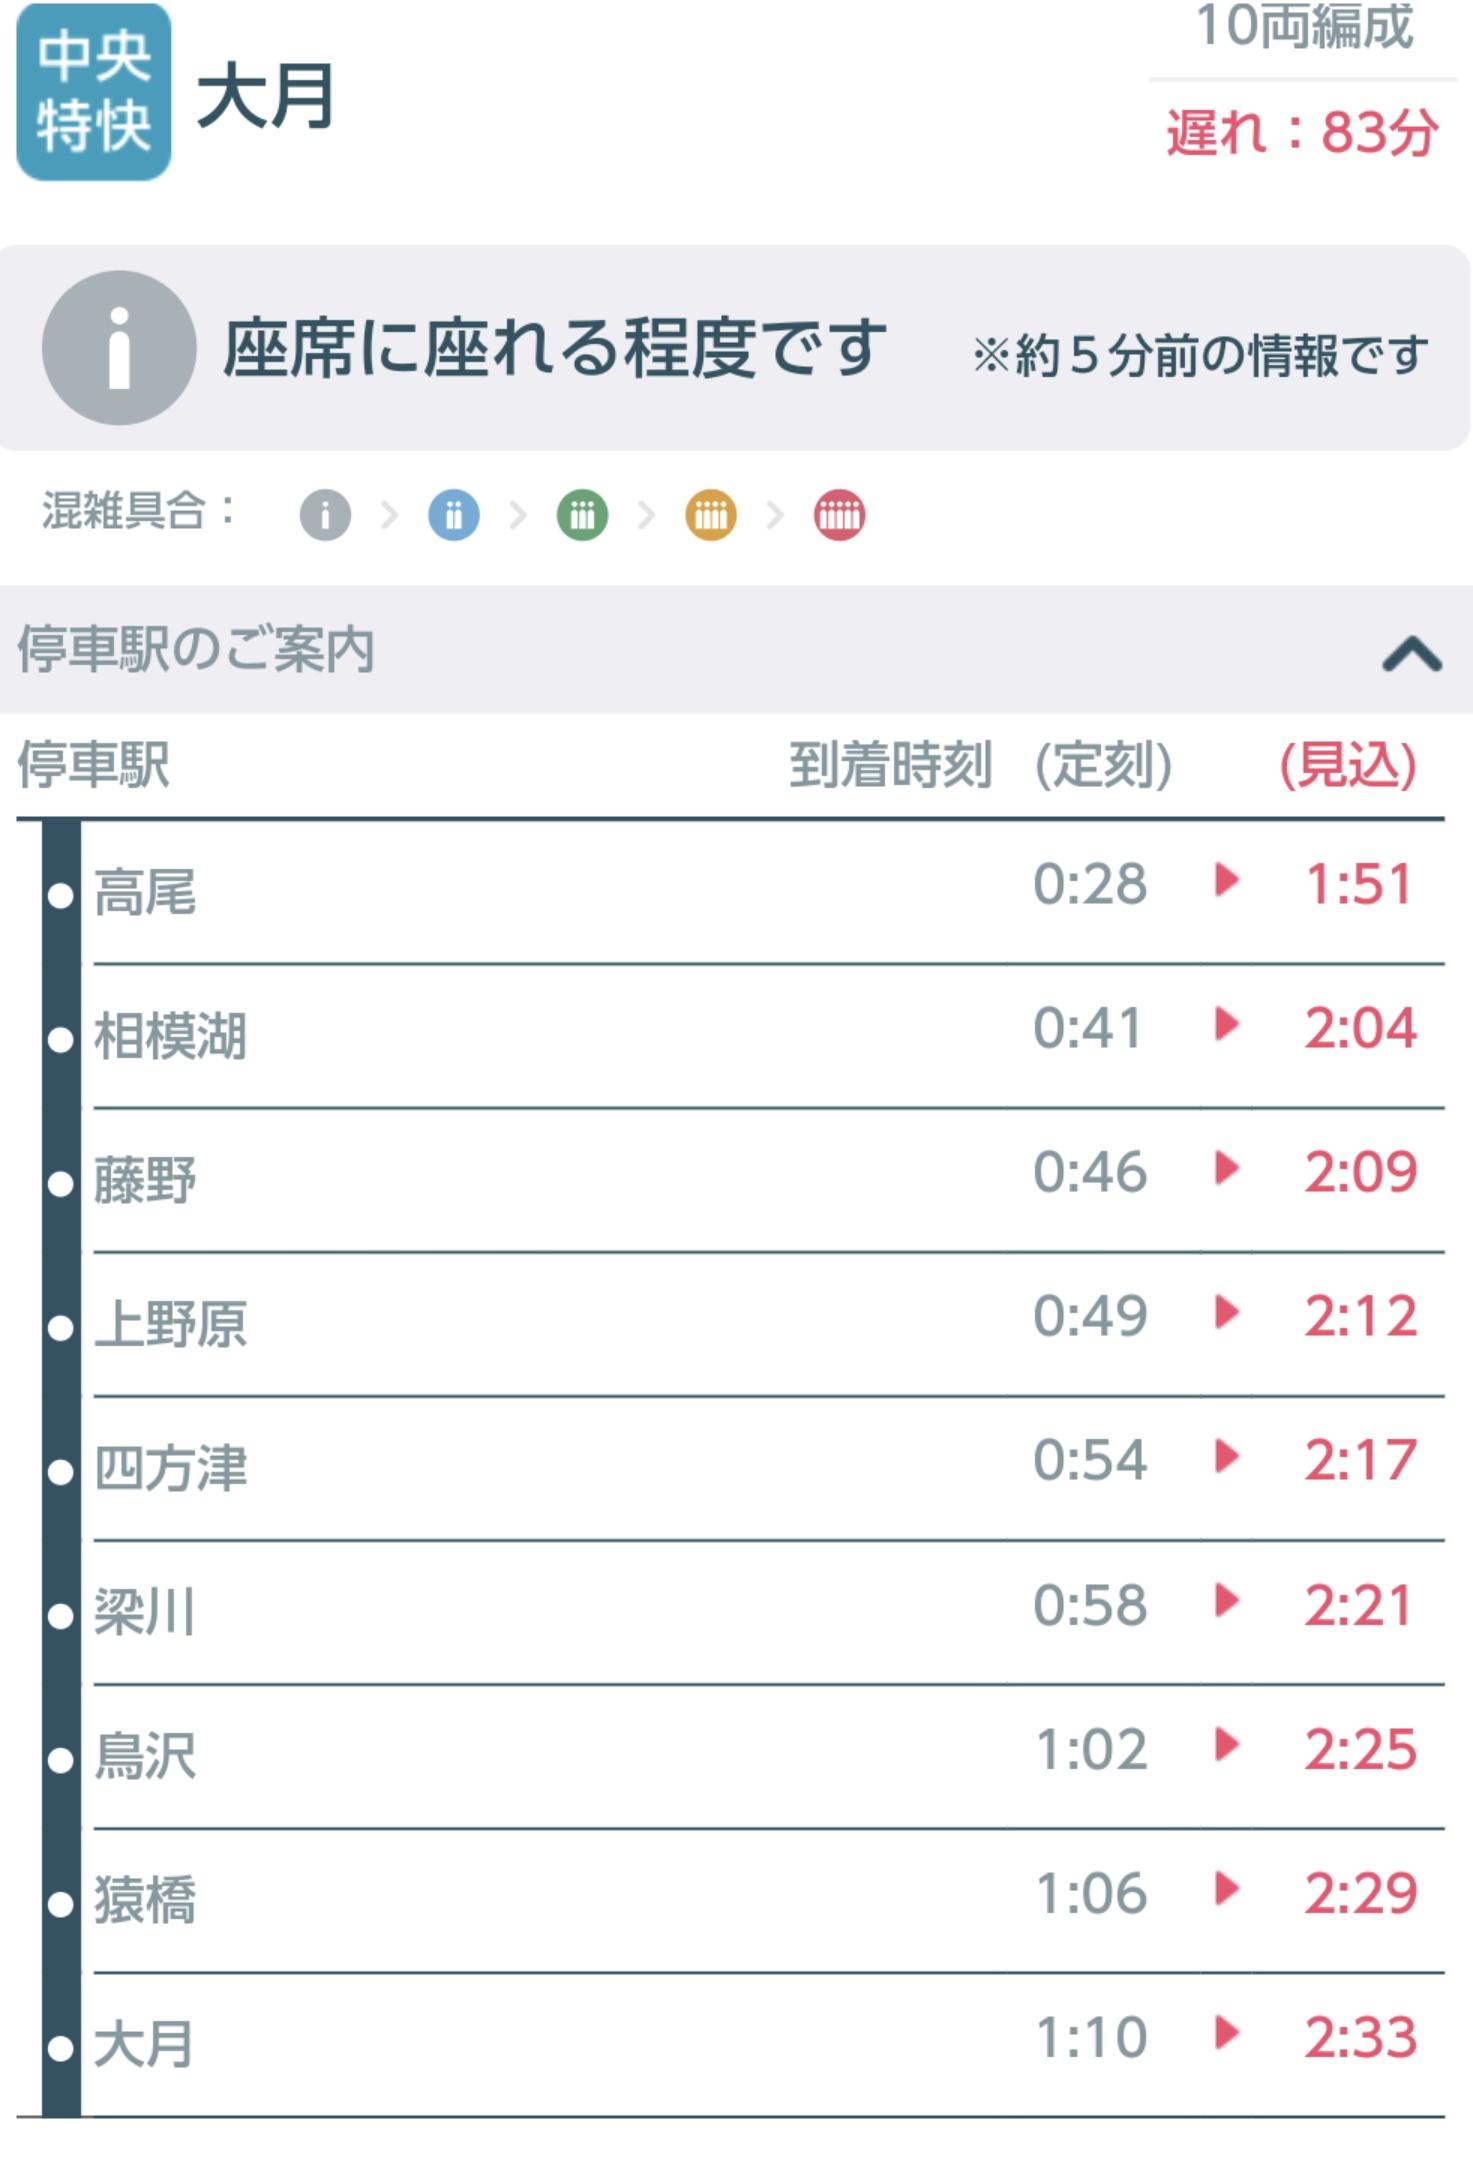 【大月到着が深夜2時半】東海道新幹線の人身事故のすぐあとに中央線でも発生 踏切での異音確認で発覚 最大95分遅れに